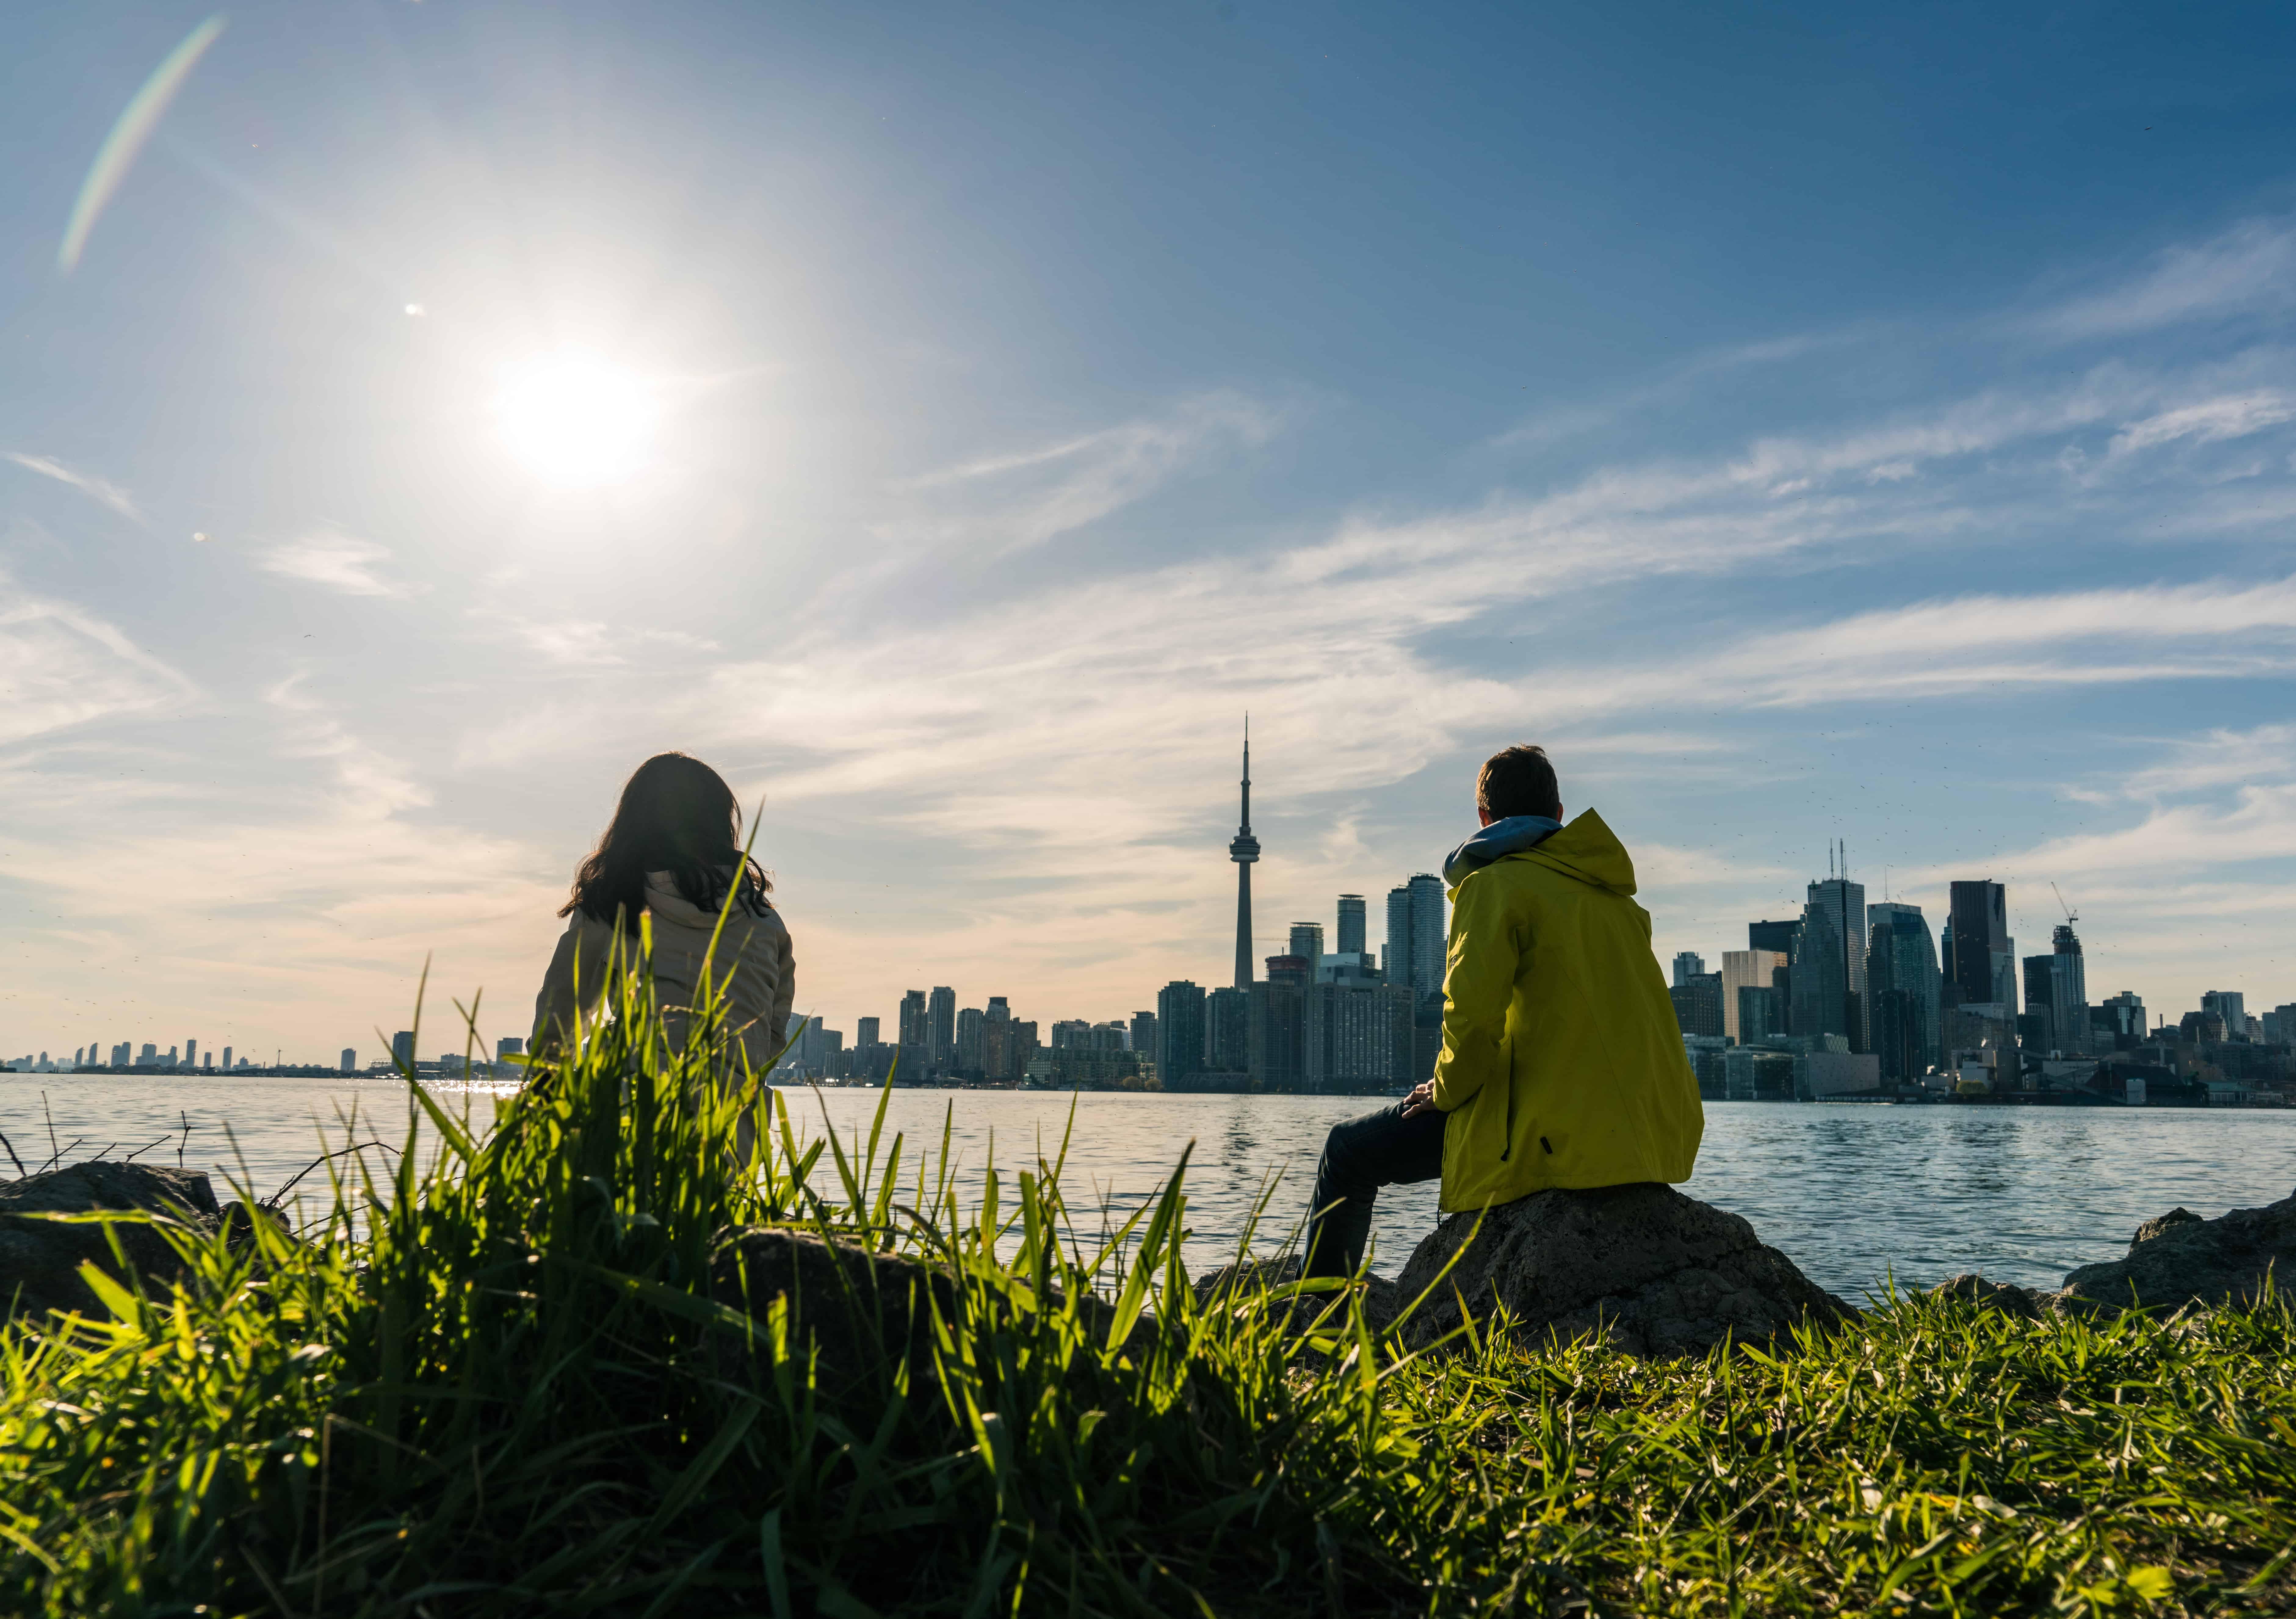 Sicht auf Toronto von den Toronto Islands